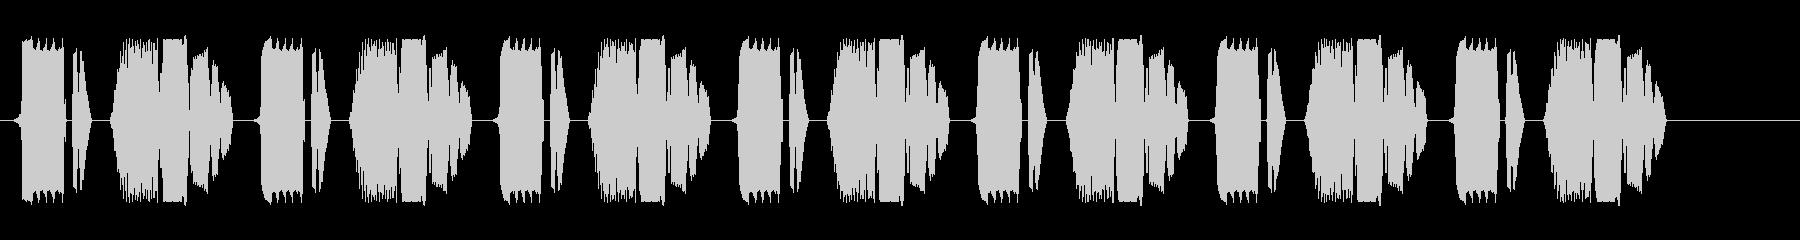 ビチョビチョビチョ(歩行)の未再生の波形